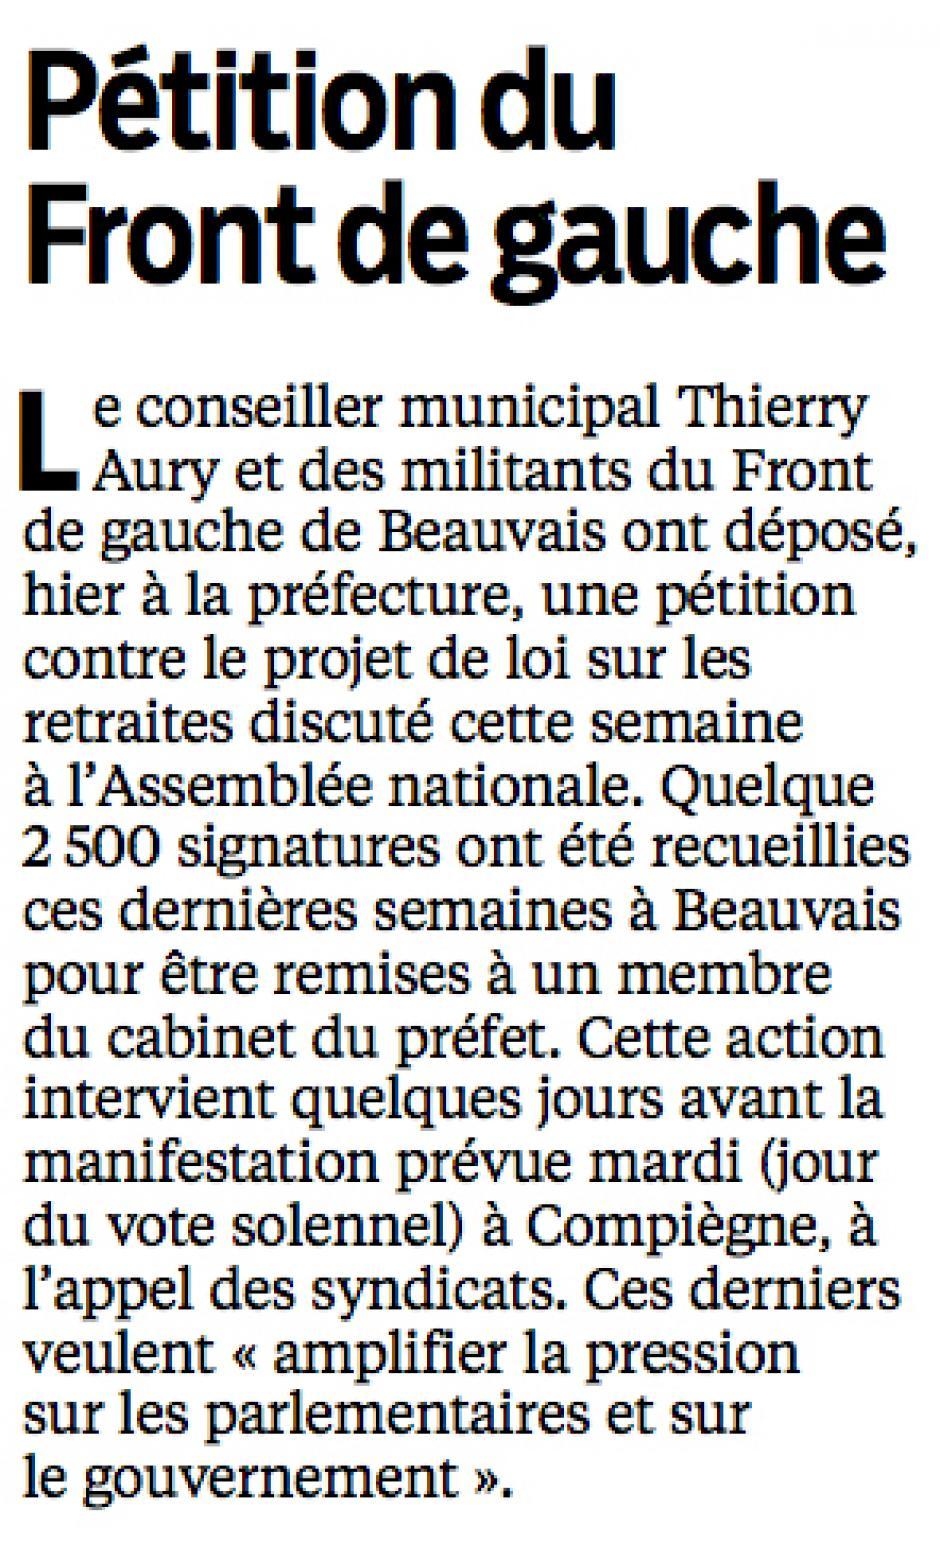 20131012-LeP-Oise-Pétition du Front de gauche